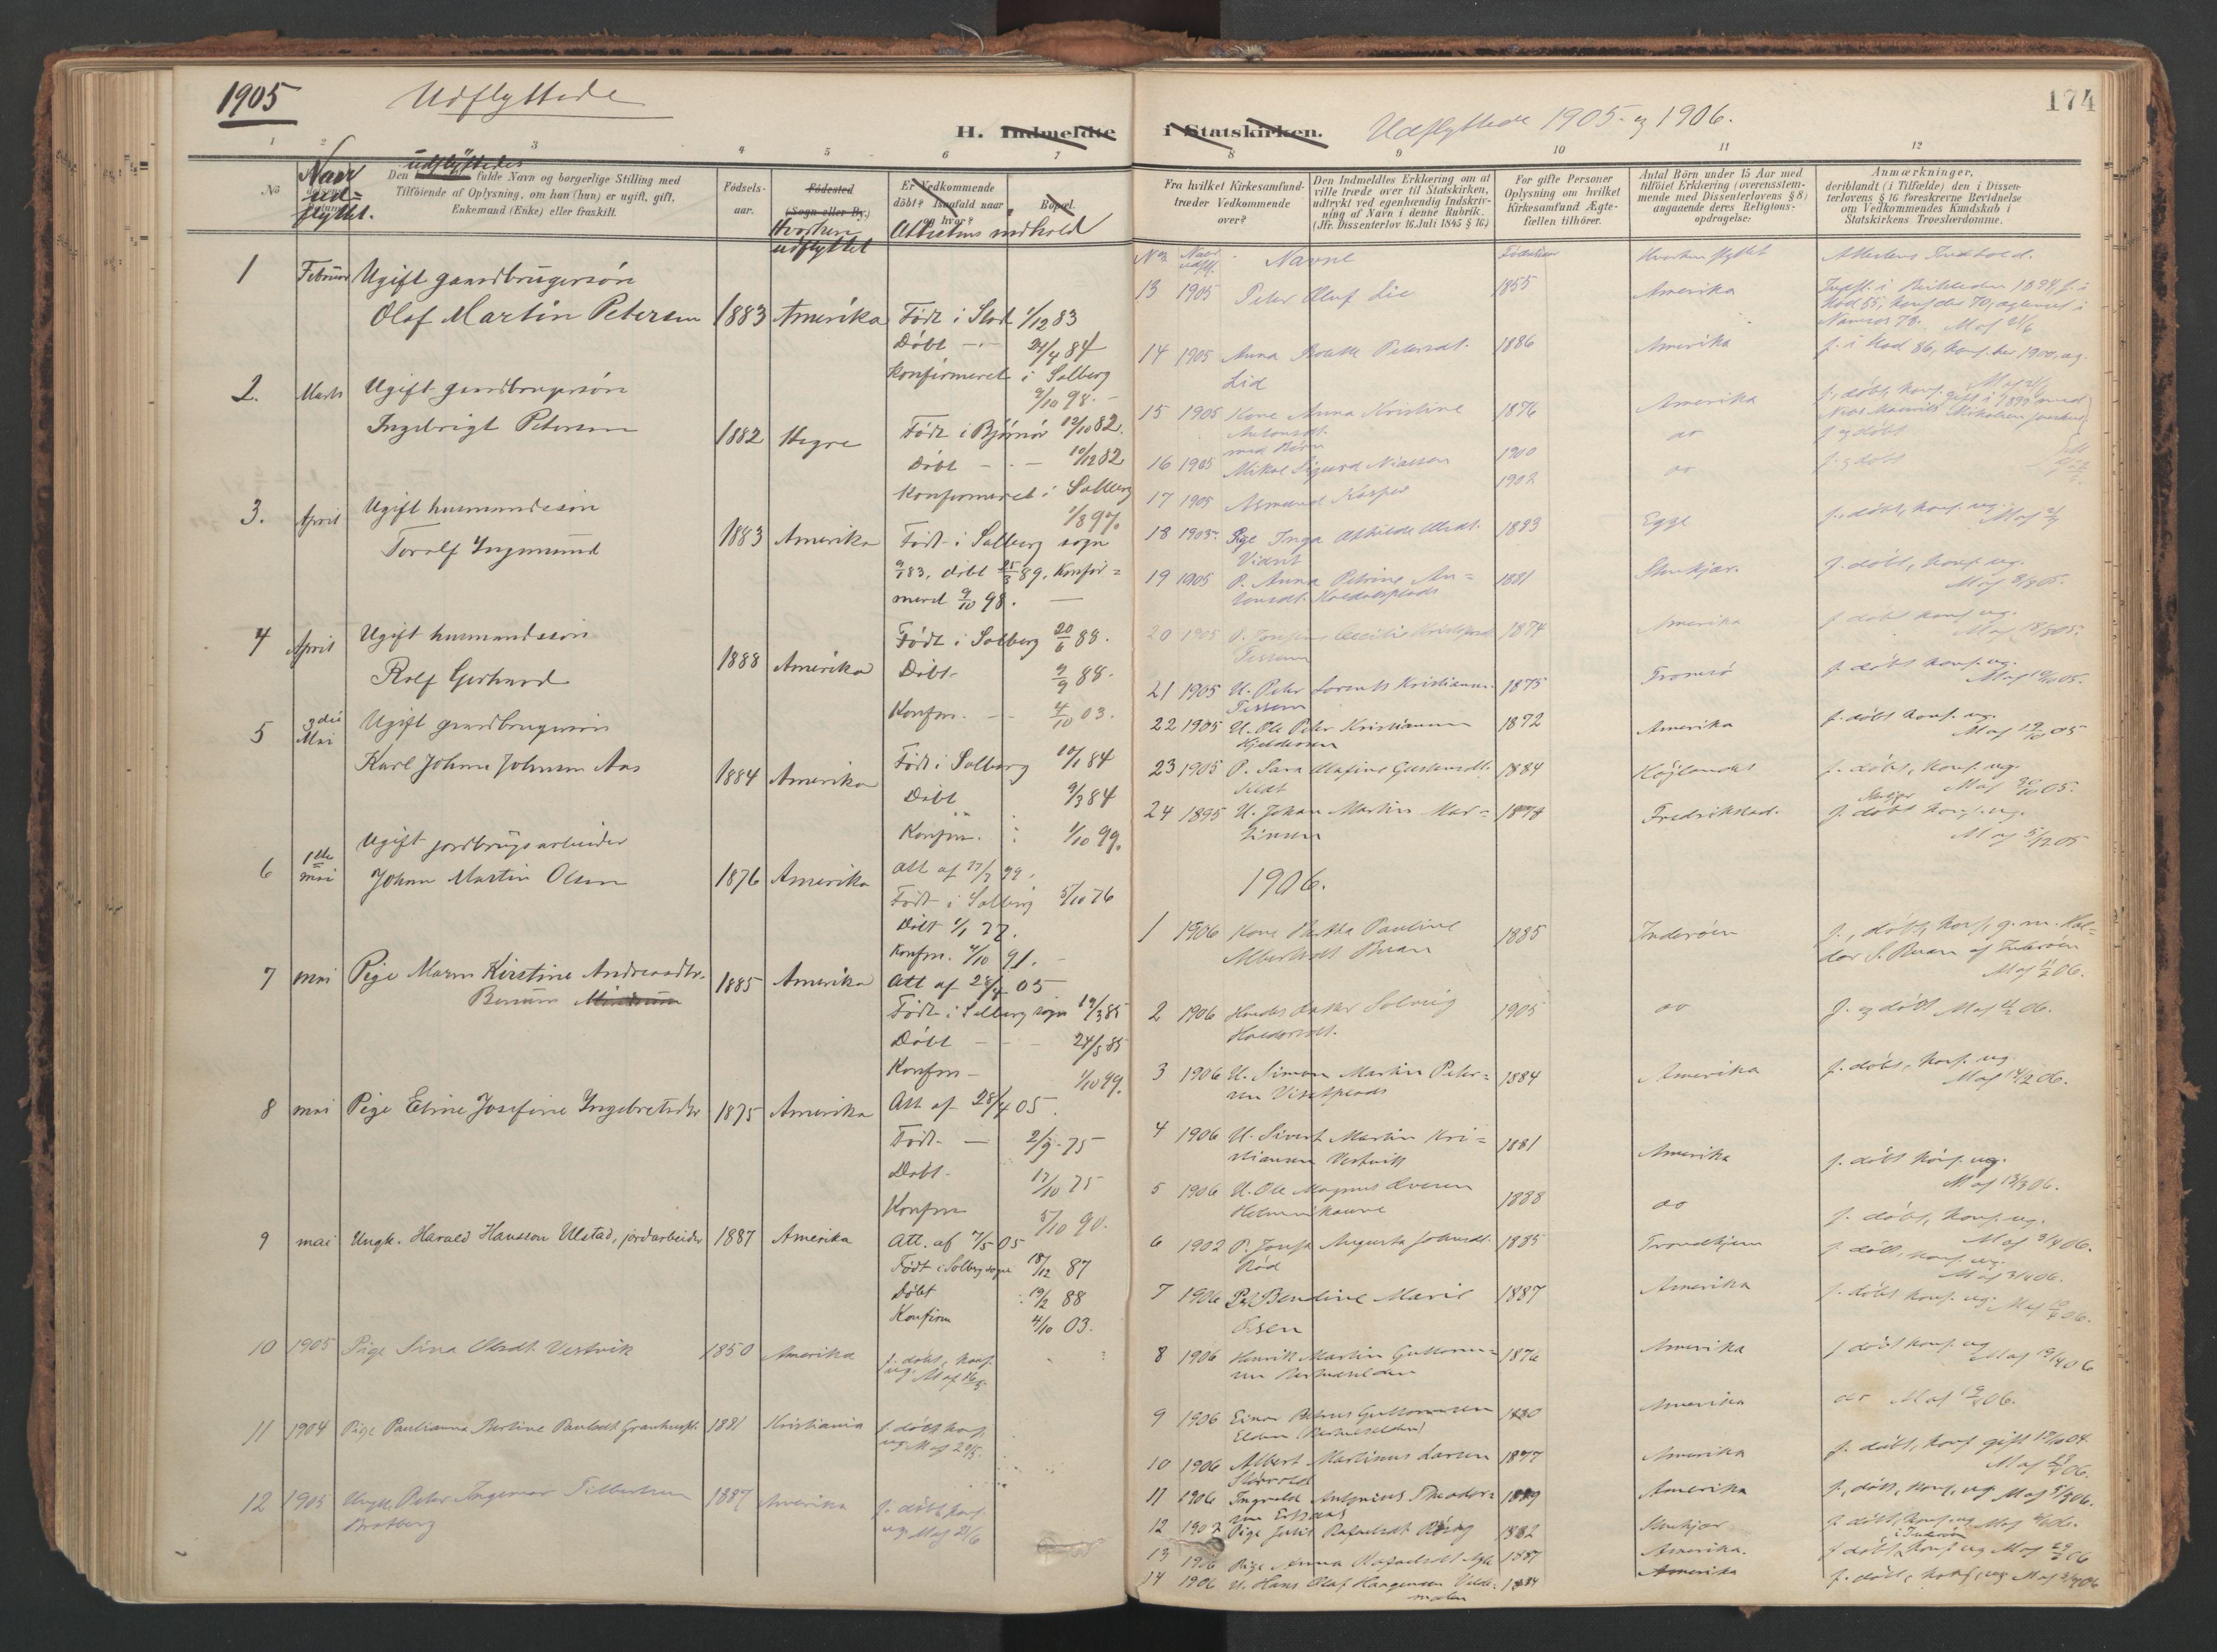 SAT, Ministerialprotokoller, klokkerbøker og fødselsregistre - Nord-Trøndelag, 741/L0397: Ministerialbok nr. 741A11, 1901-1911, s. 174